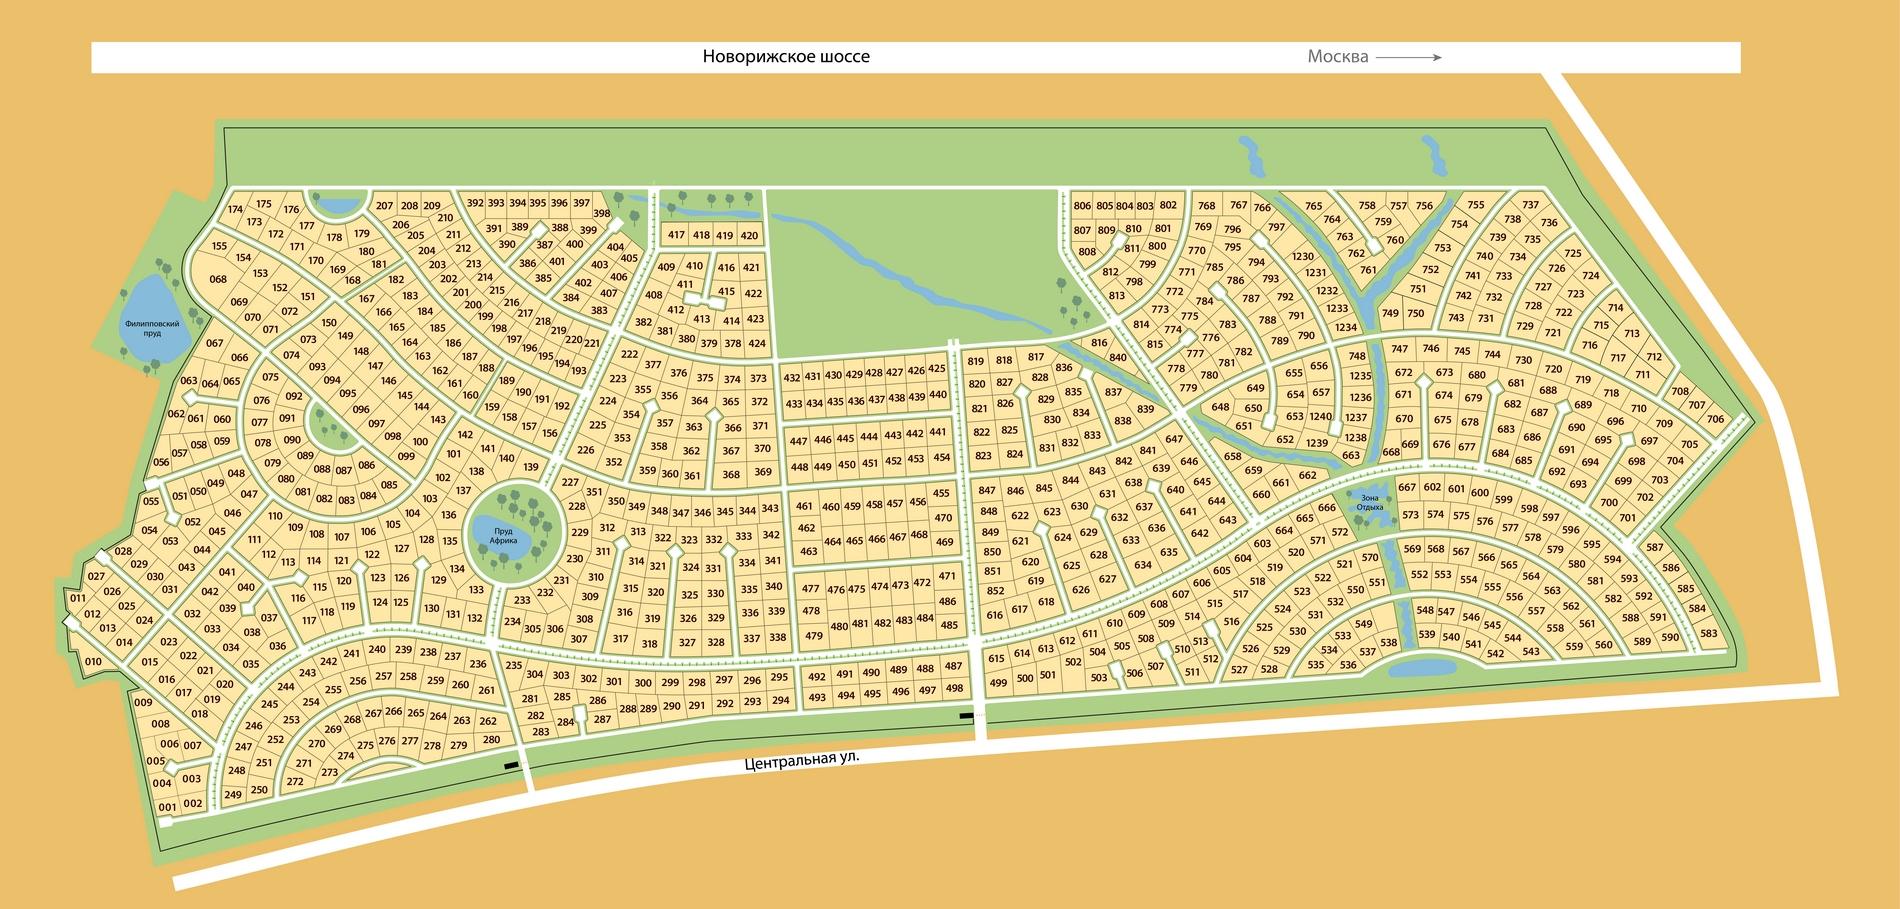 Поселок новорижский схема